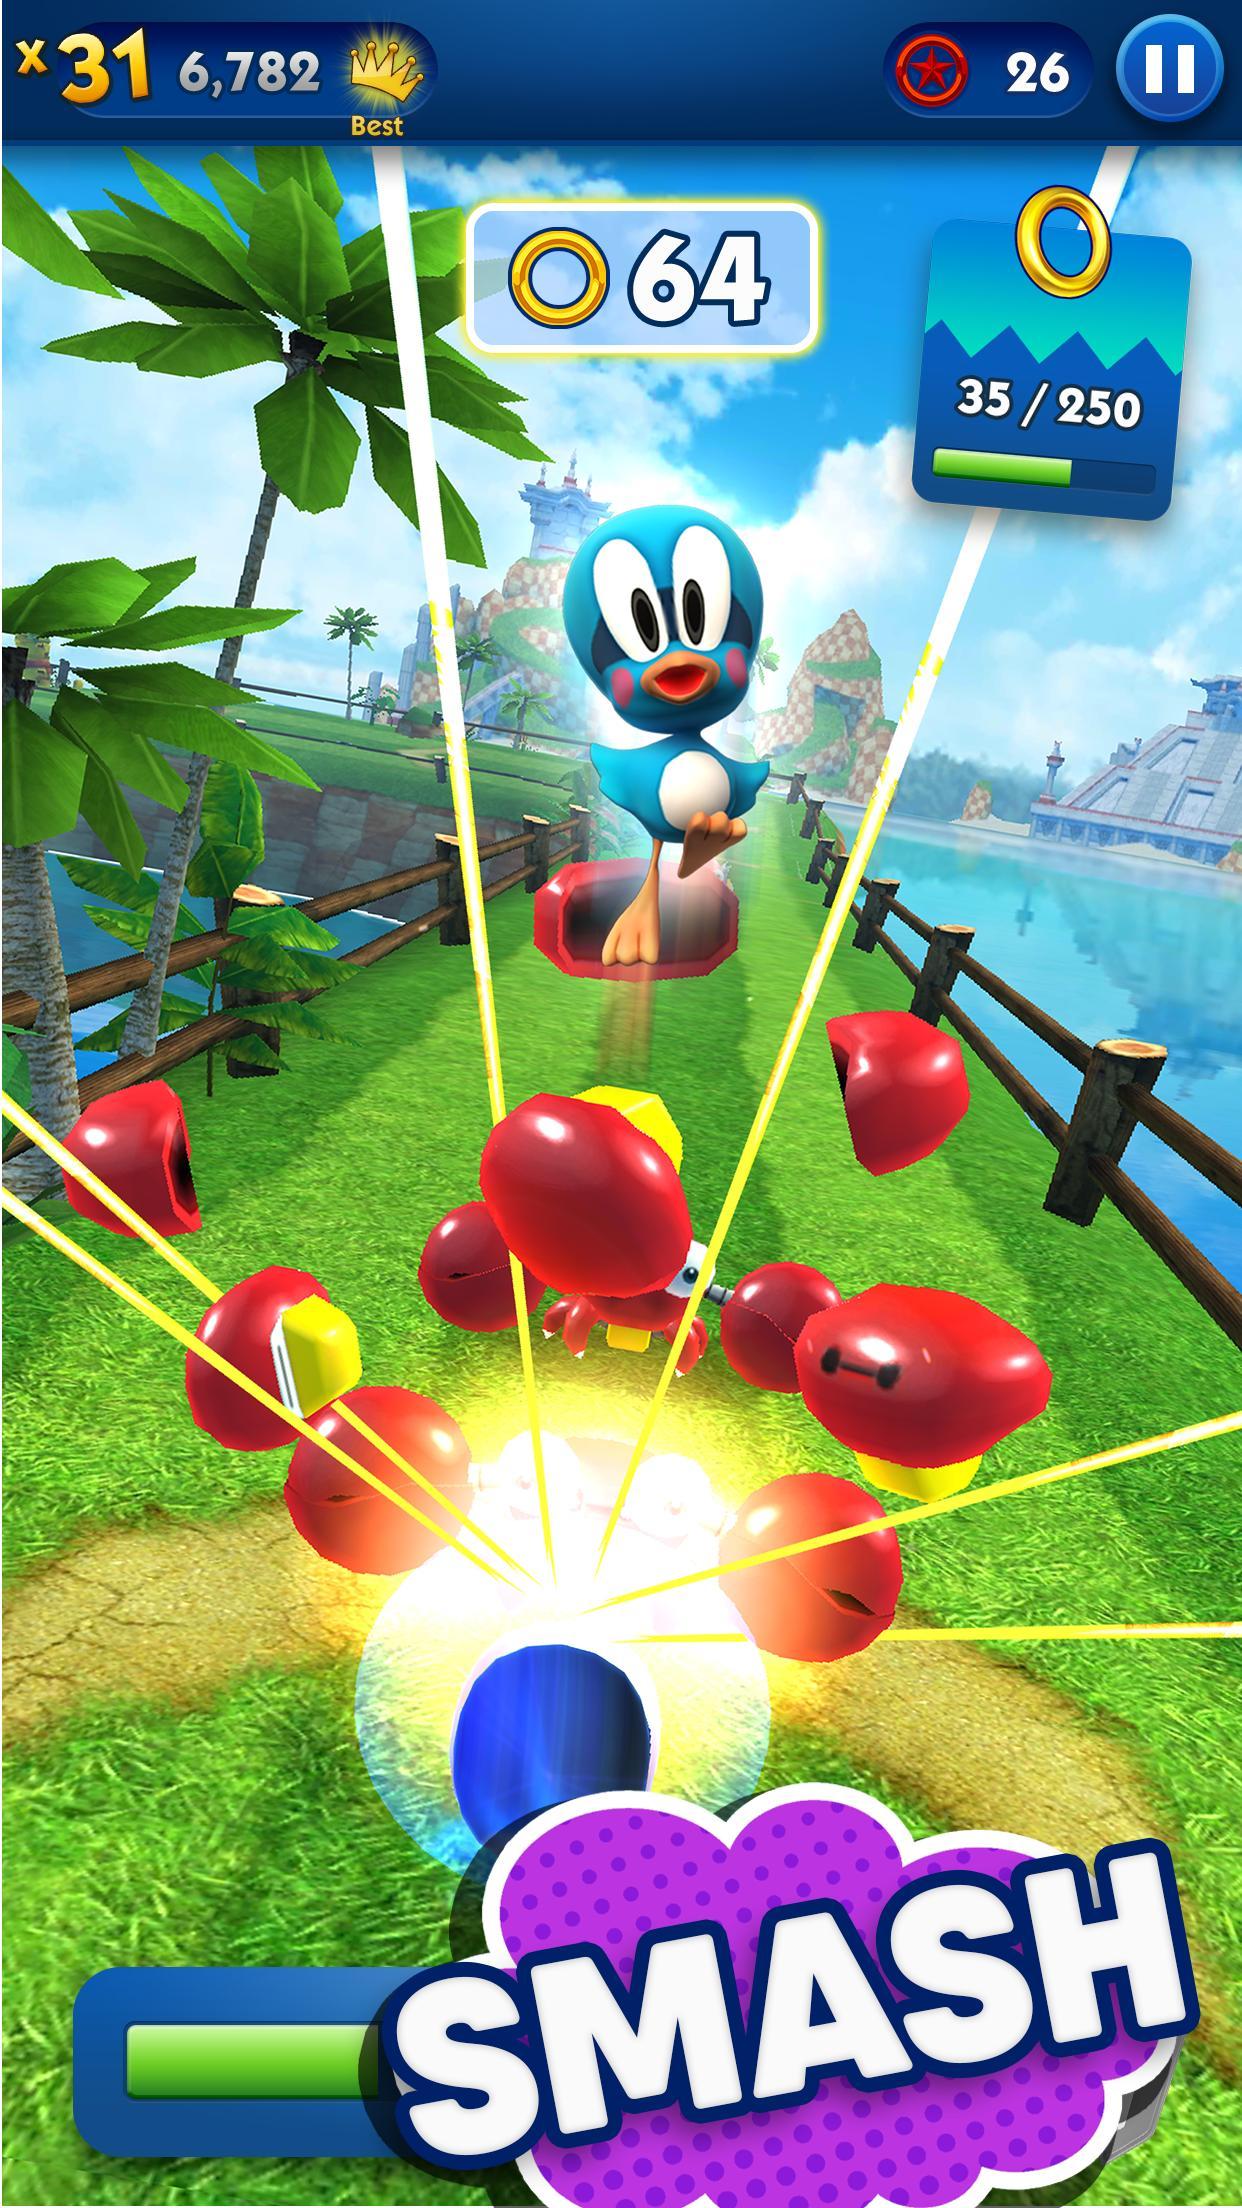 Sonic Dash - Endless Running & Racing Game 4.14.0 Screenshot 20